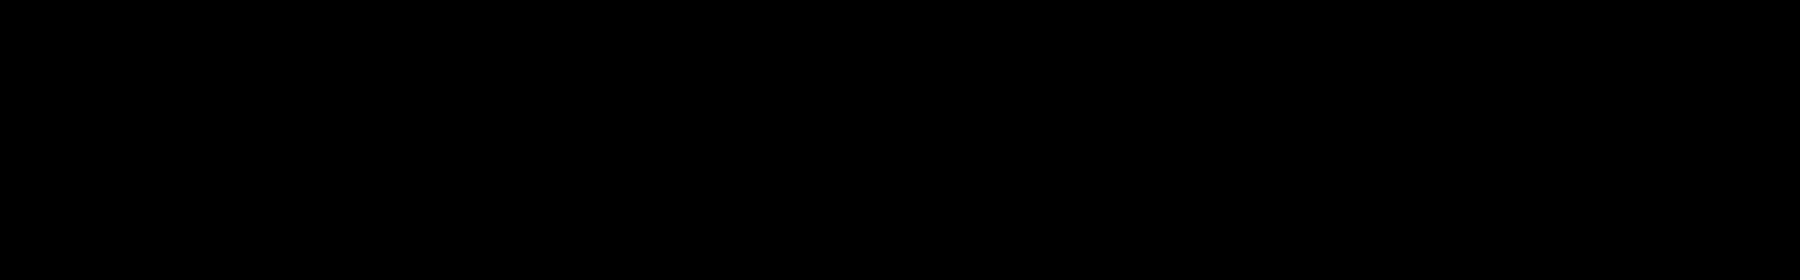 Femme Fatale - Vocal Hooks audio waveform